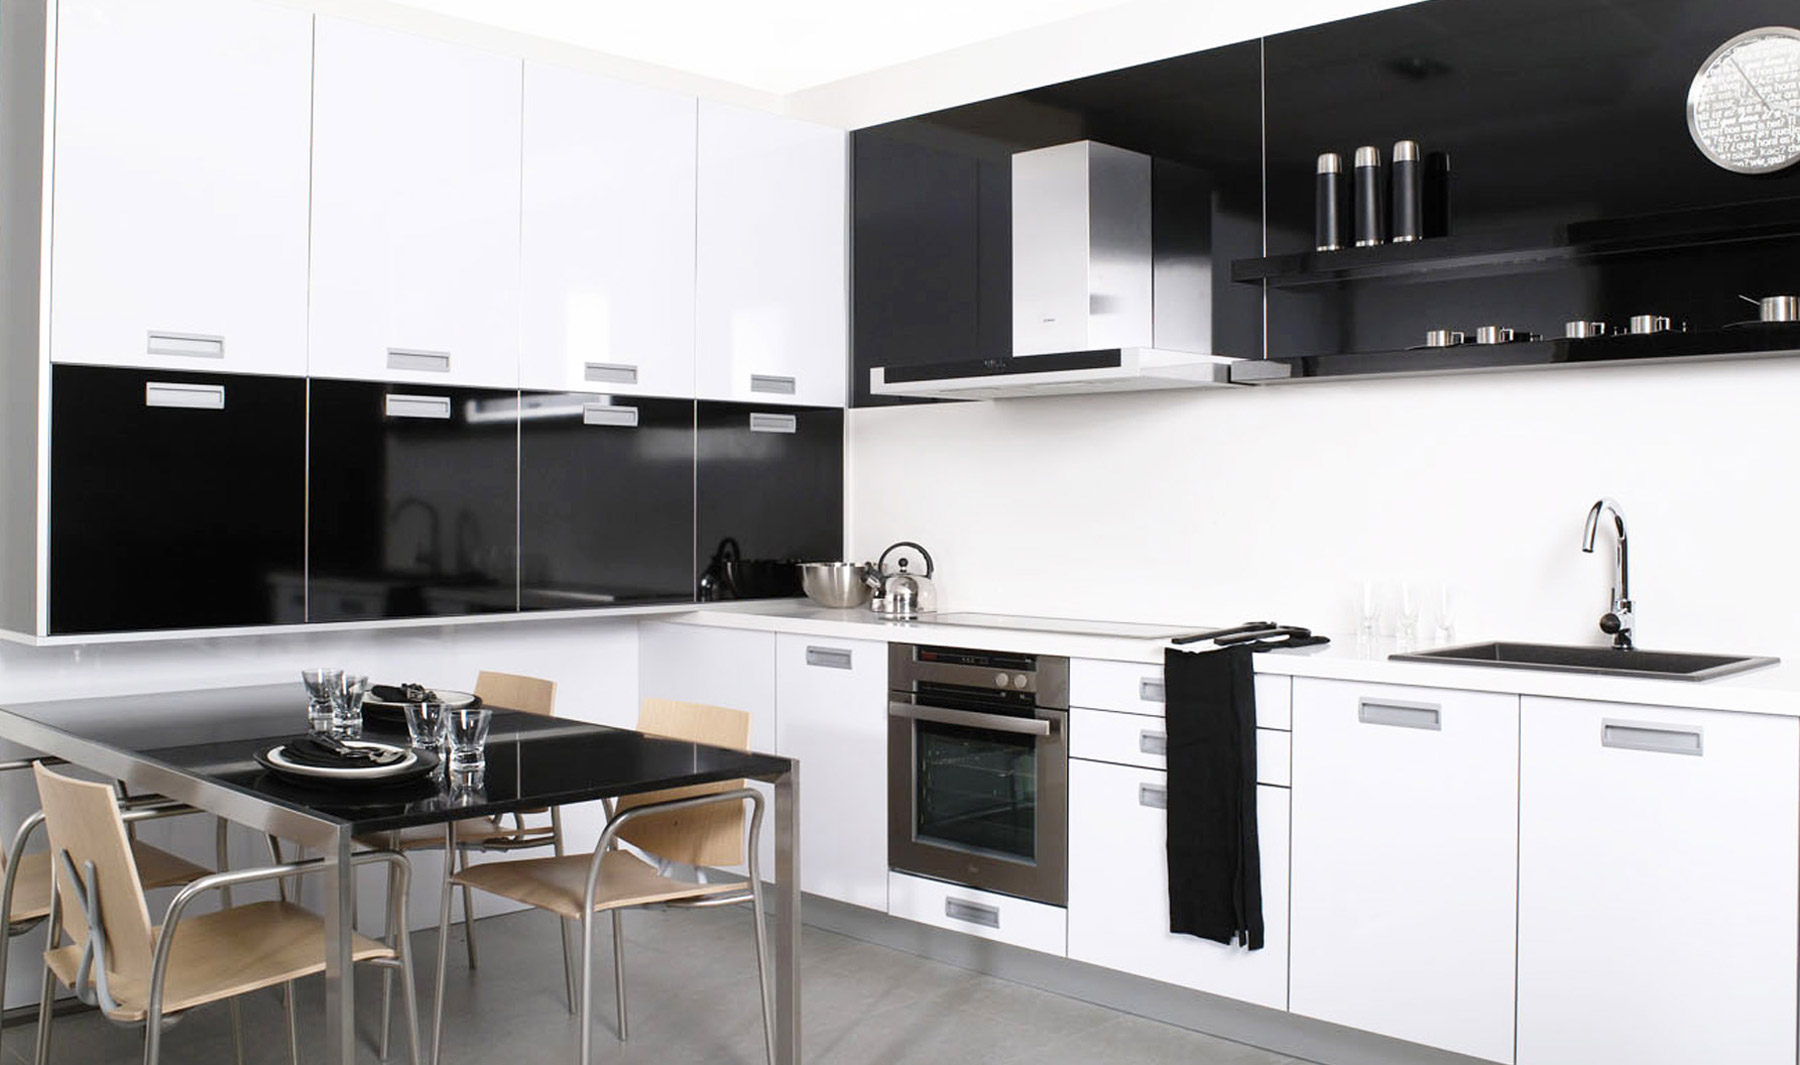 Dise os de cocinas integrales para espacios peque os for Disenos cocinas integrales